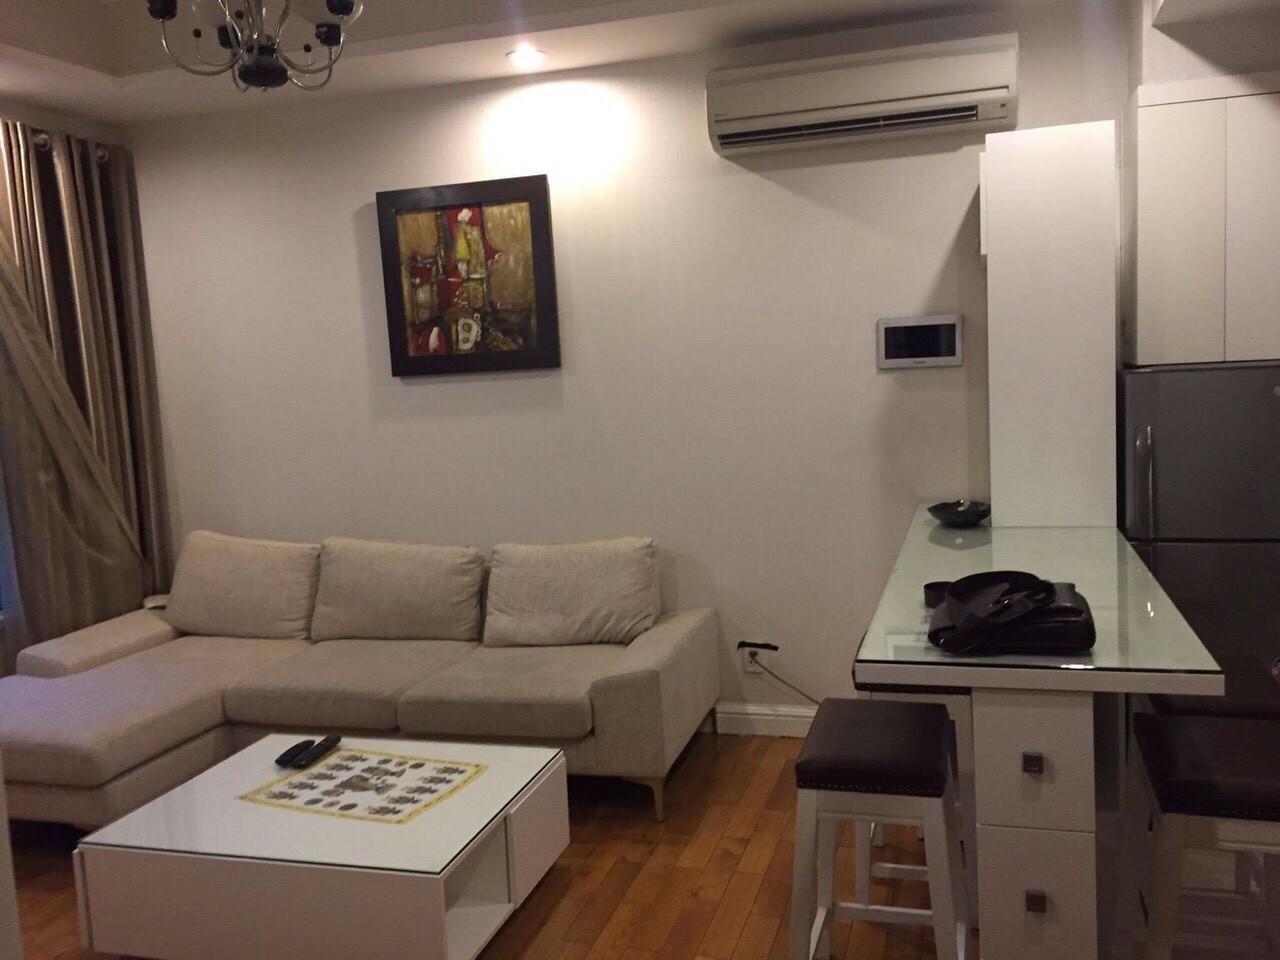 Cho thuê căn hộ Officetel The Manor 51m2 1PN tiện lợi nội thất đẹp và sang trọng